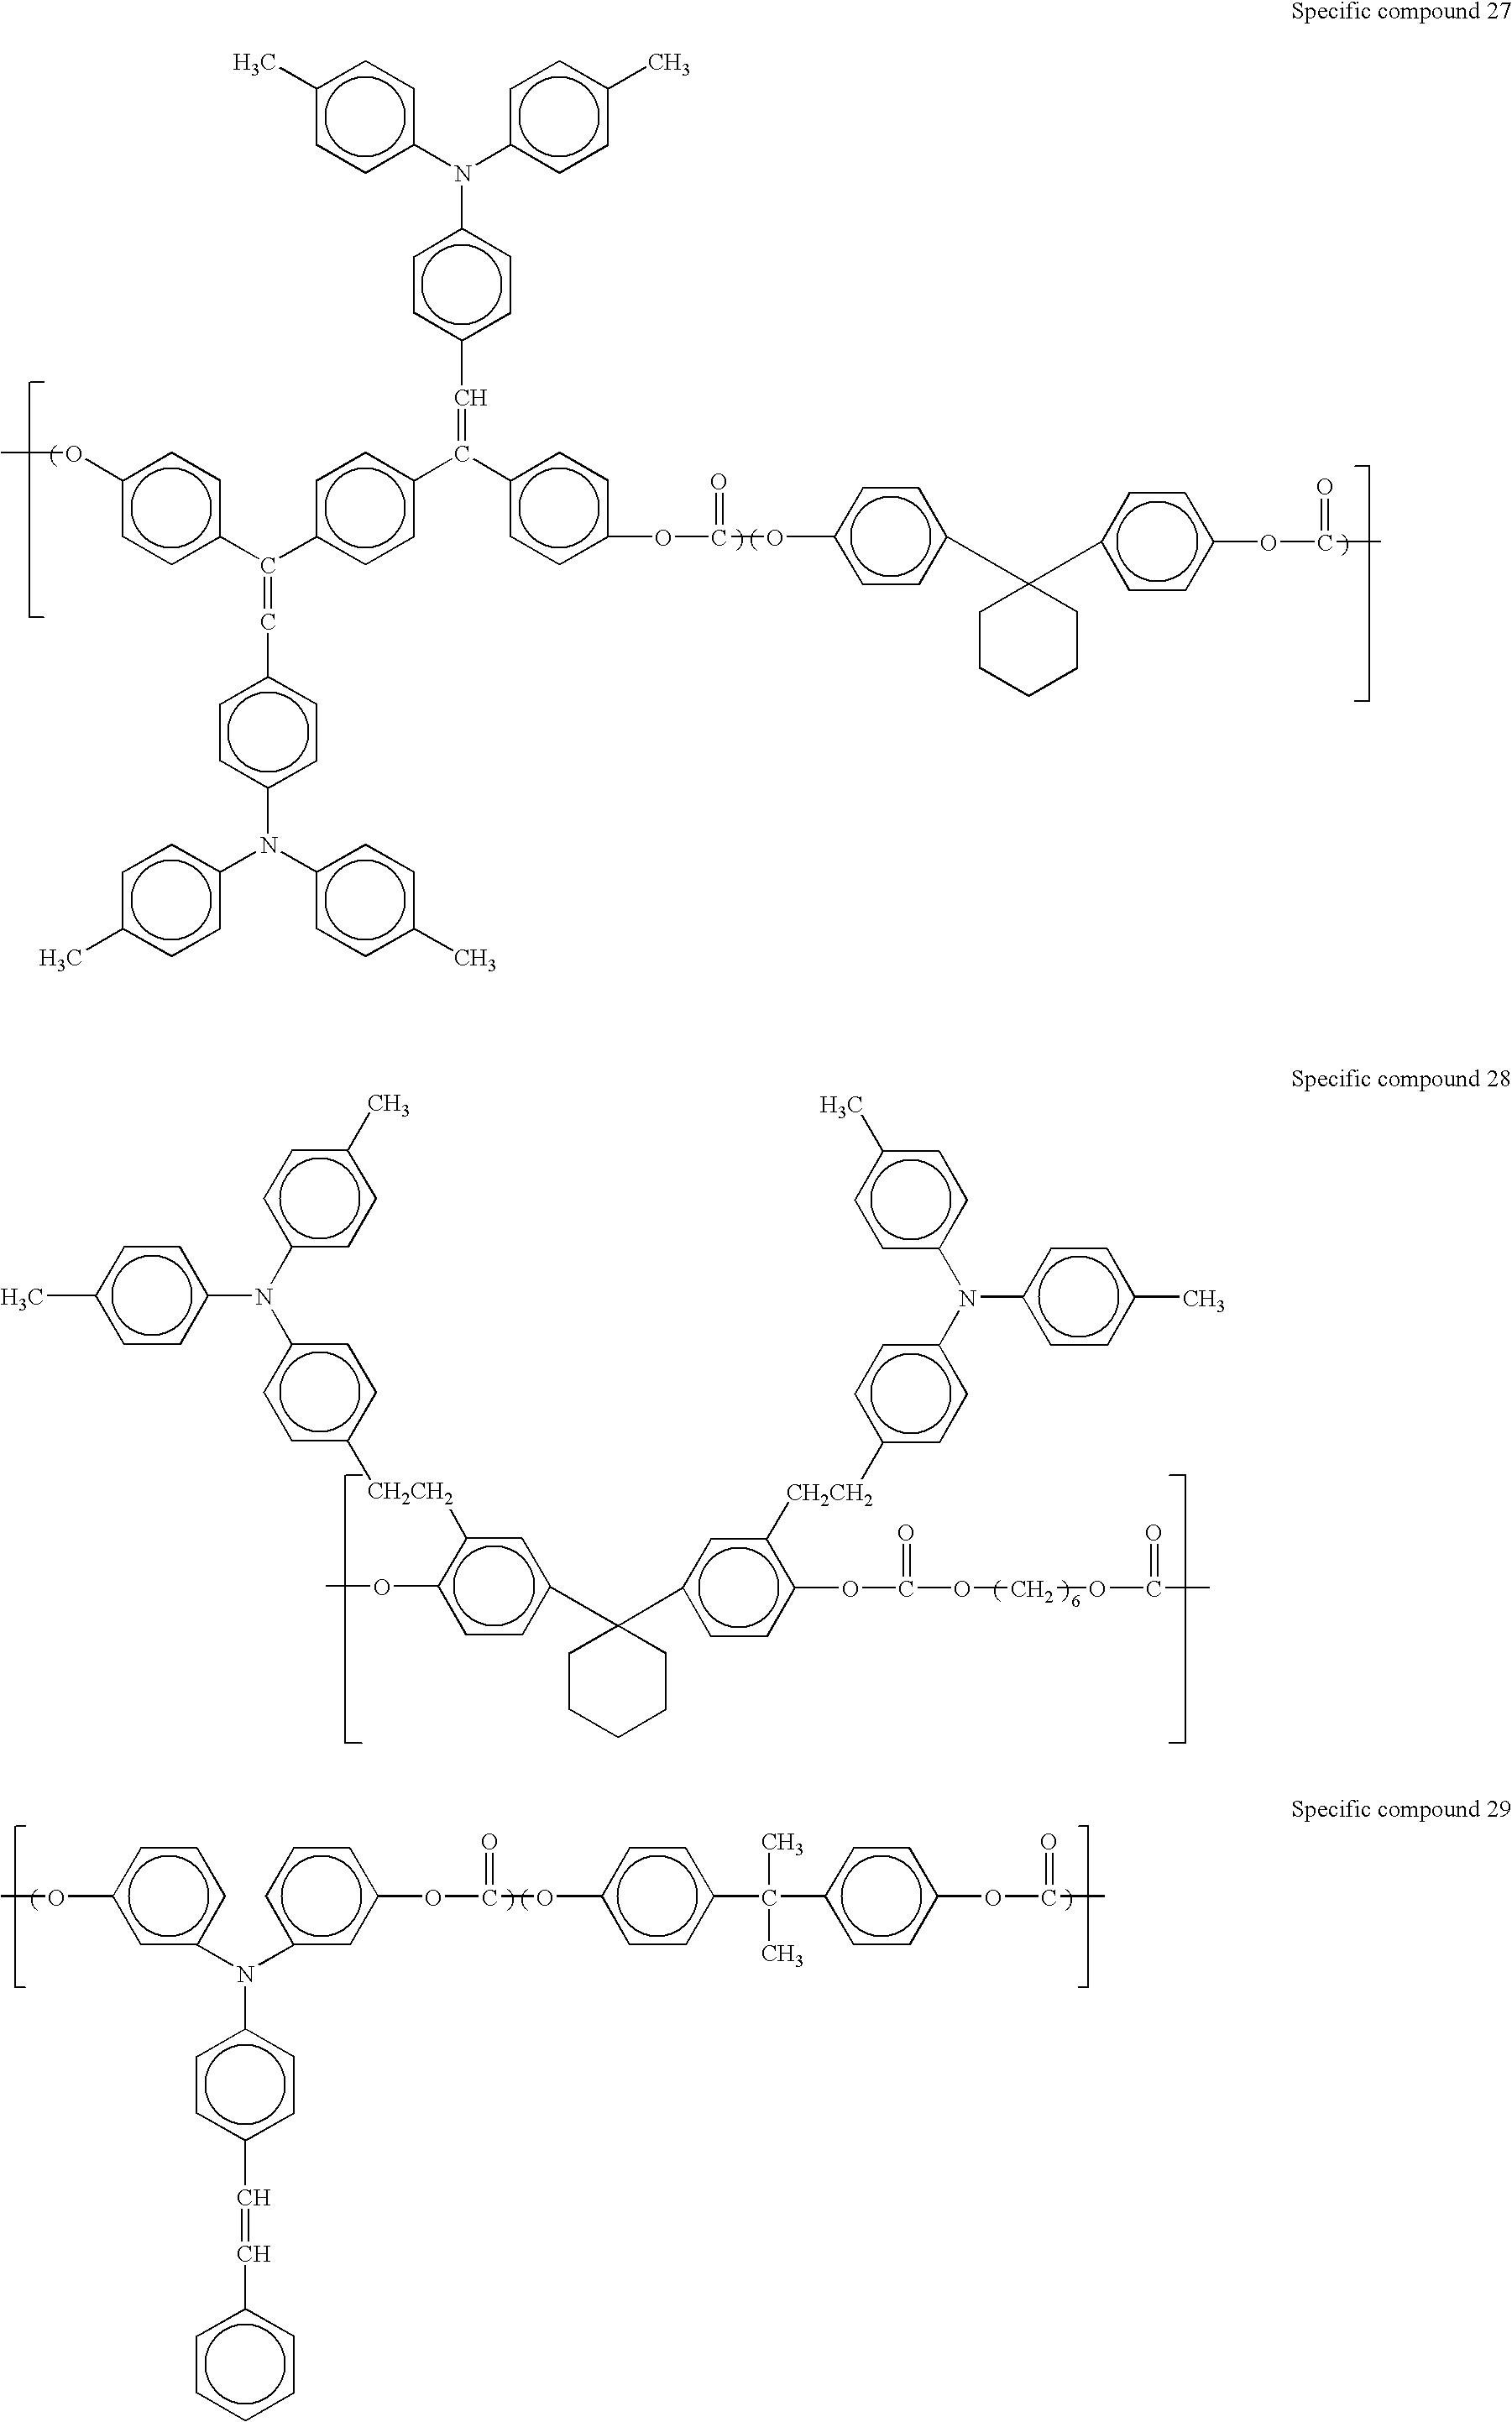 Figure US20040197688A1-20041007-C00020